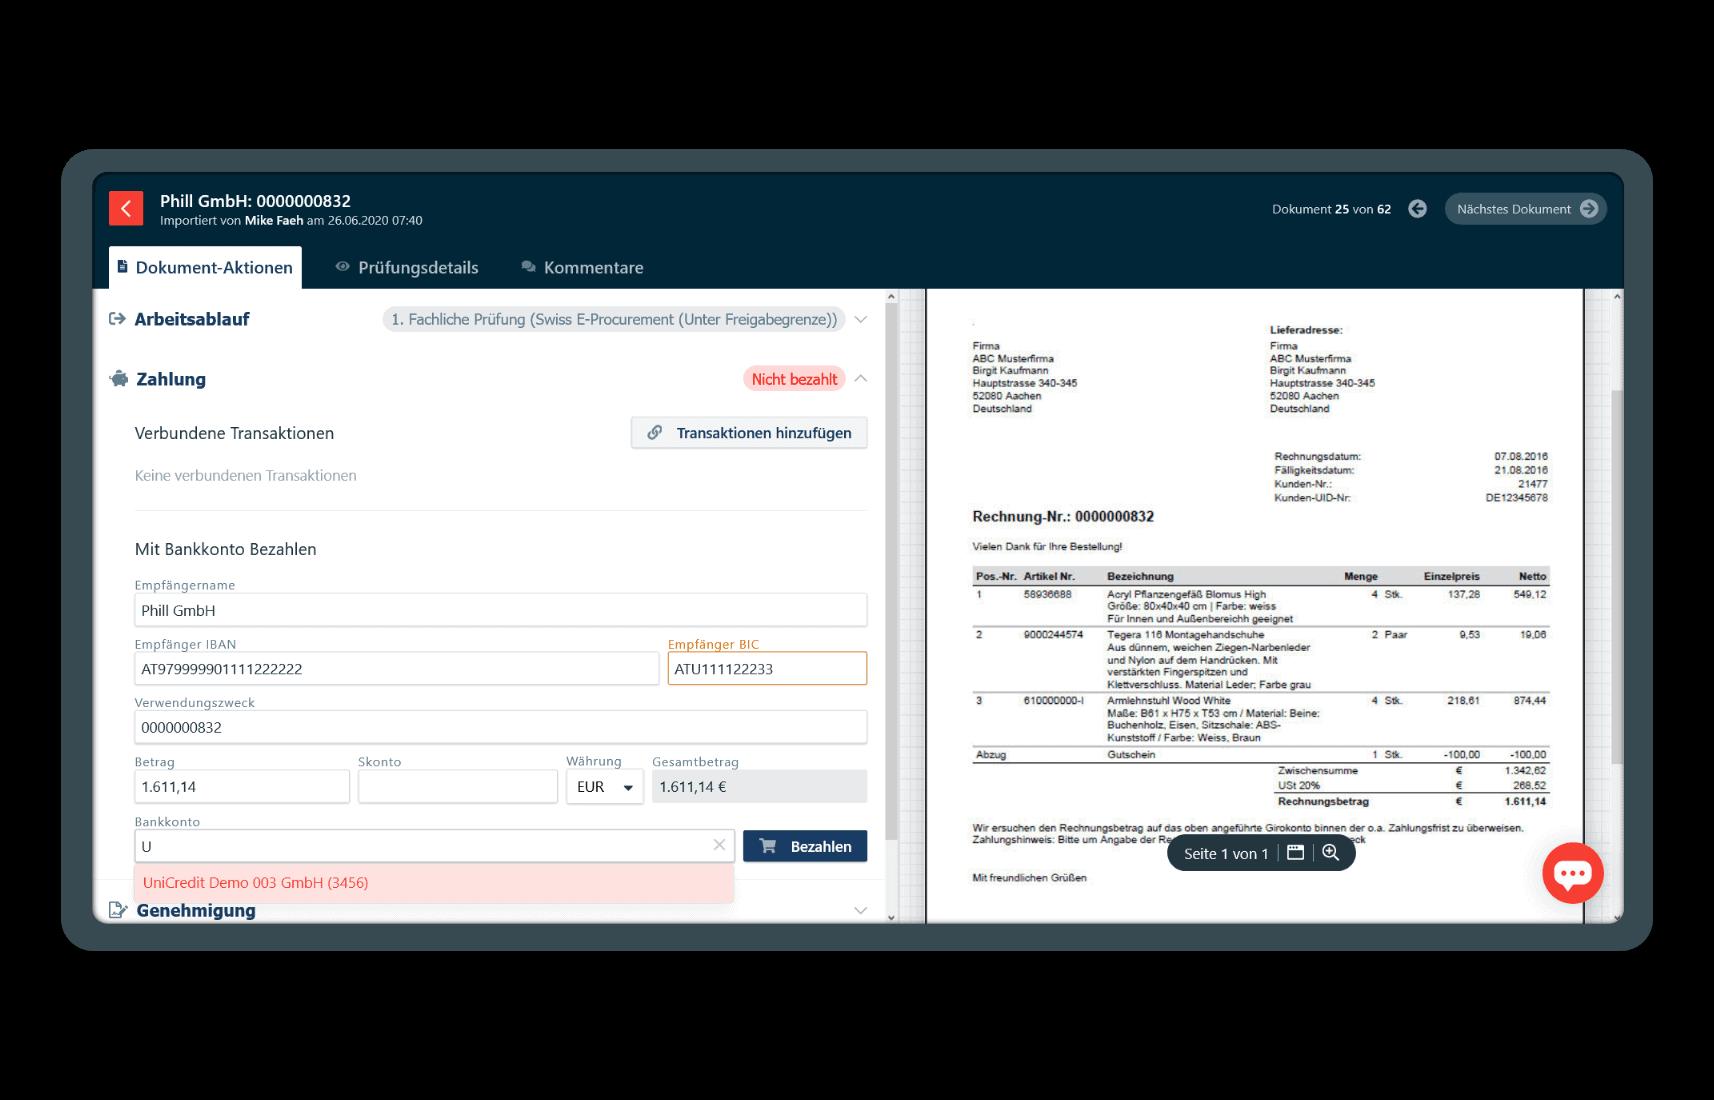 Bezahlung von Rechnungen in der App